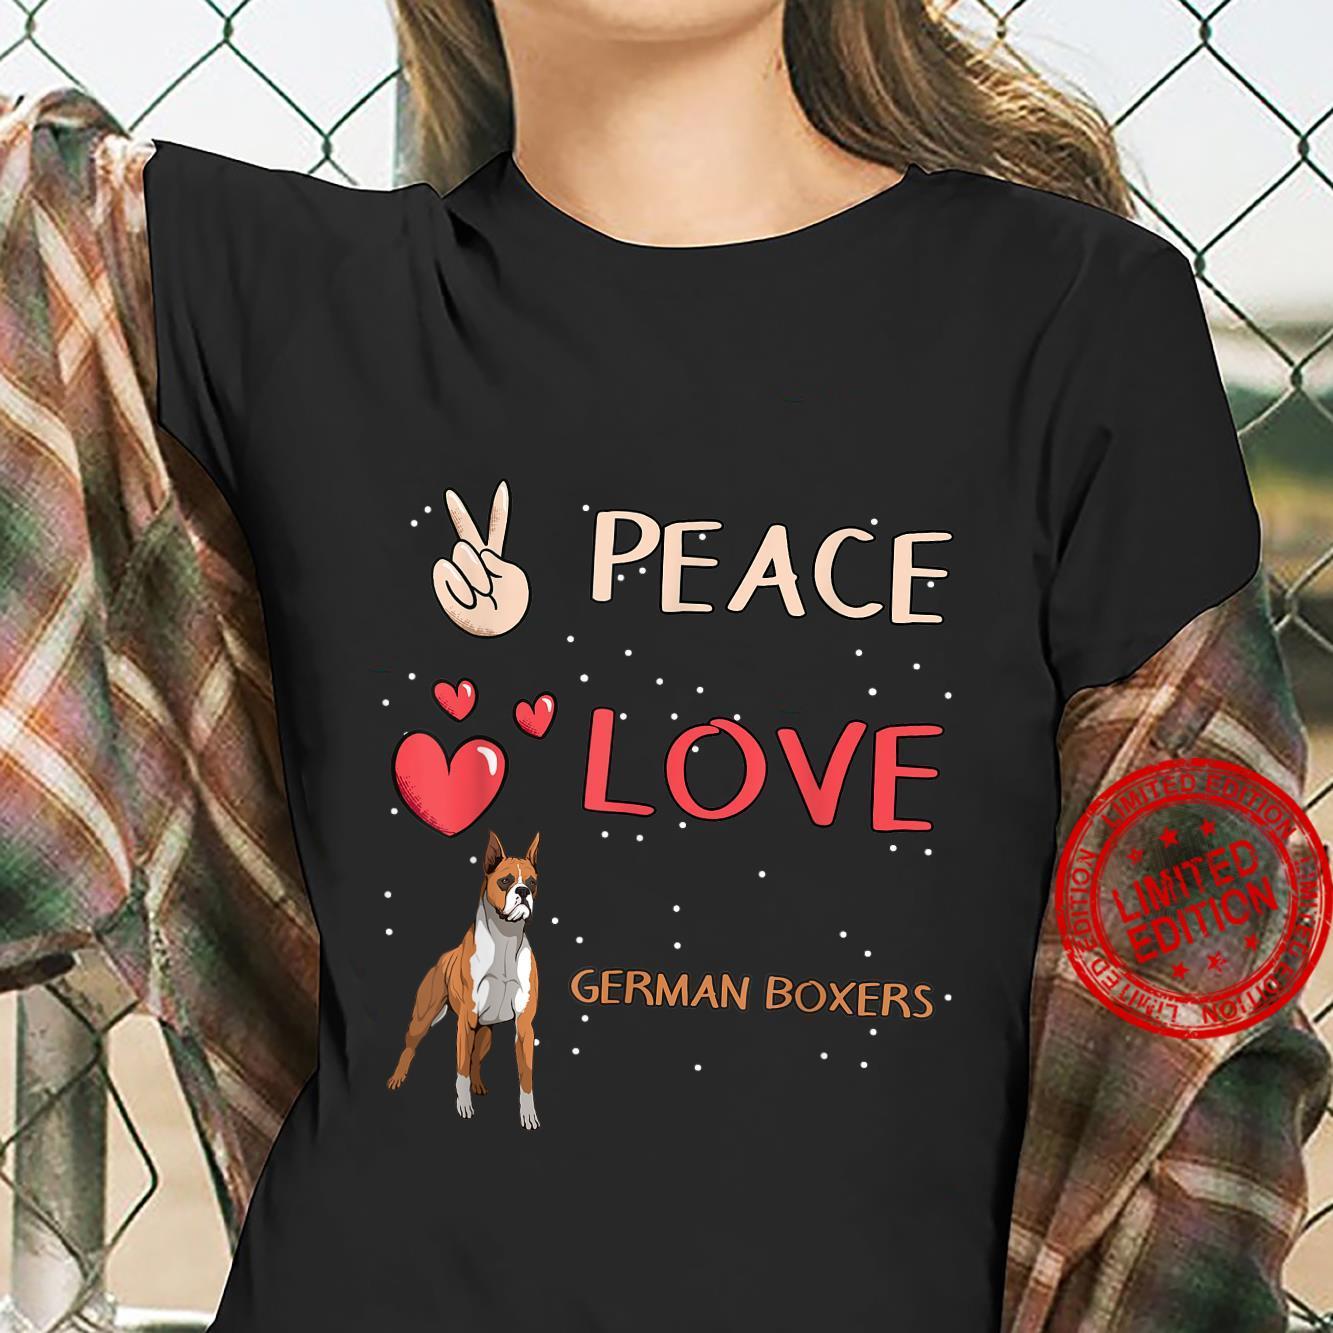 German Boxer Dog Owner Peace Love German Boxers Shirt ladies tee